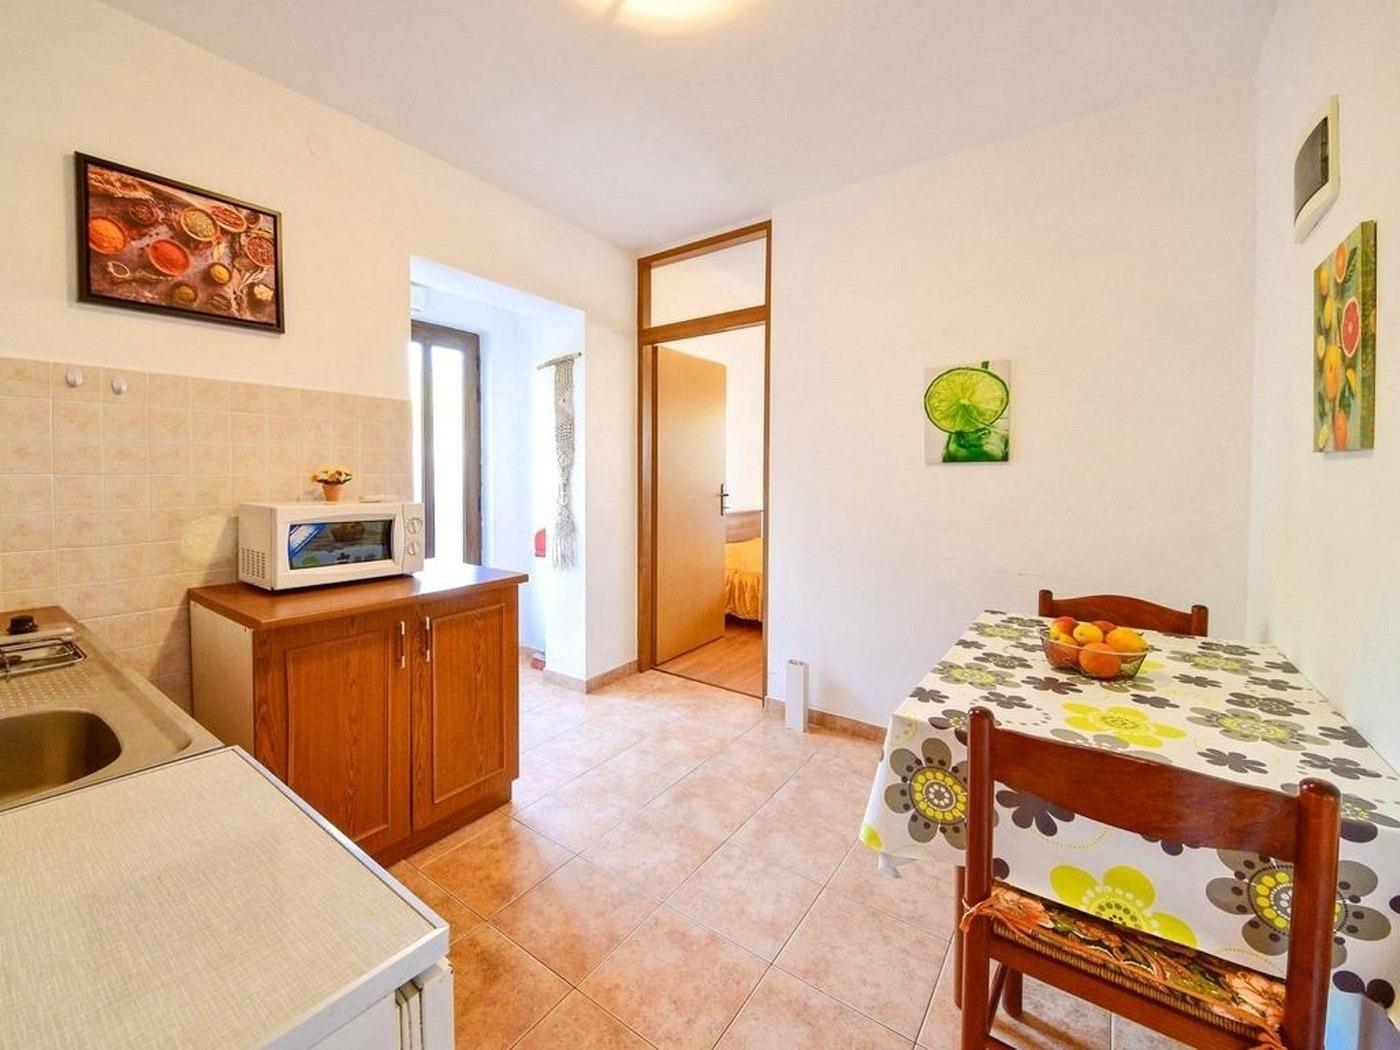 Appartement de vacances Marija A1(2+1) Prizemlje - Cres (739199), Cres (Stadt), Île de Cres, Kvarner, Croatie, image 6